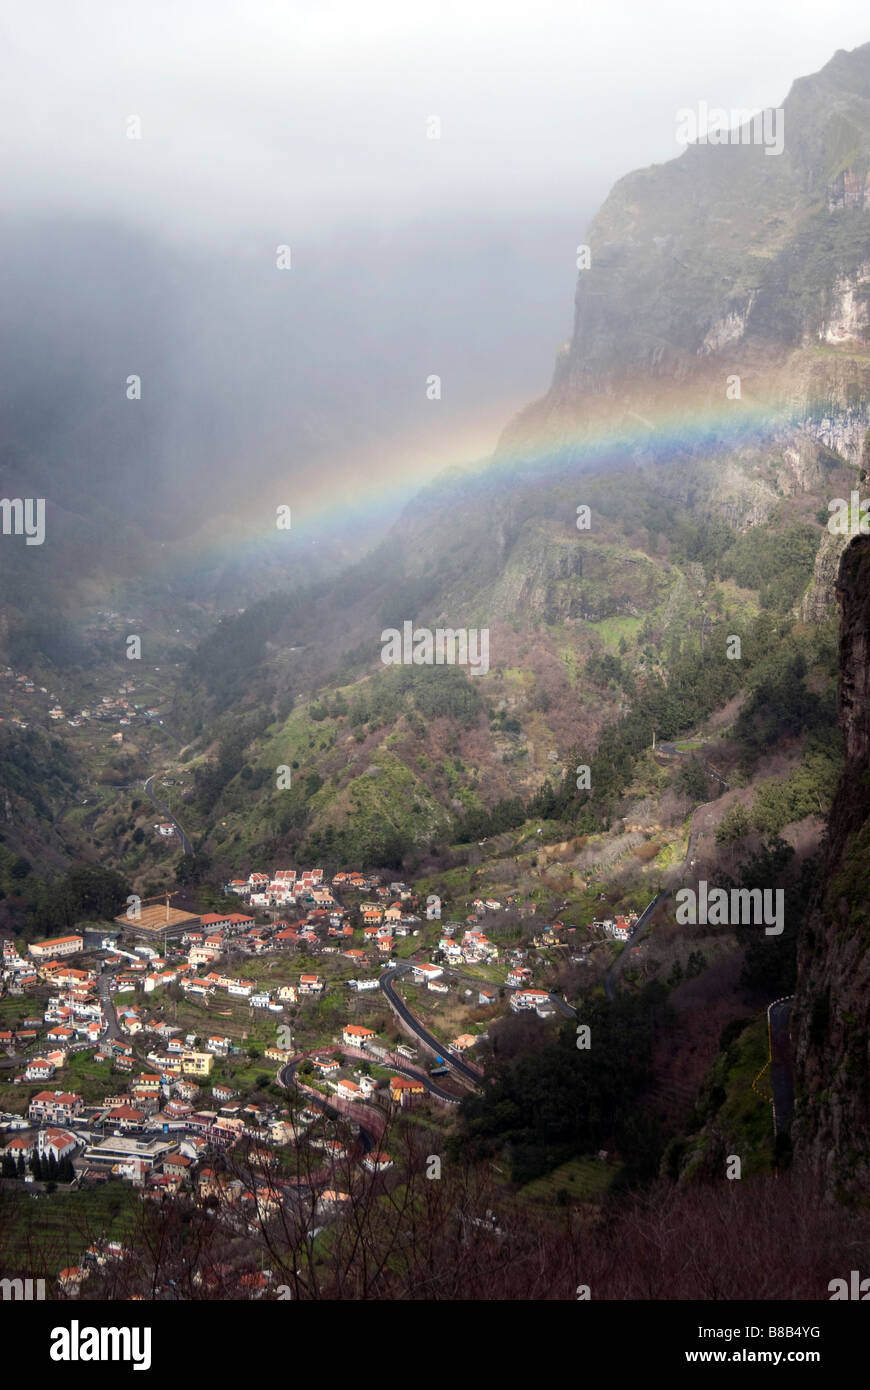 Rainbow over Curral das Freiras, Madeira, Portugal, February 2009 - Stock Image